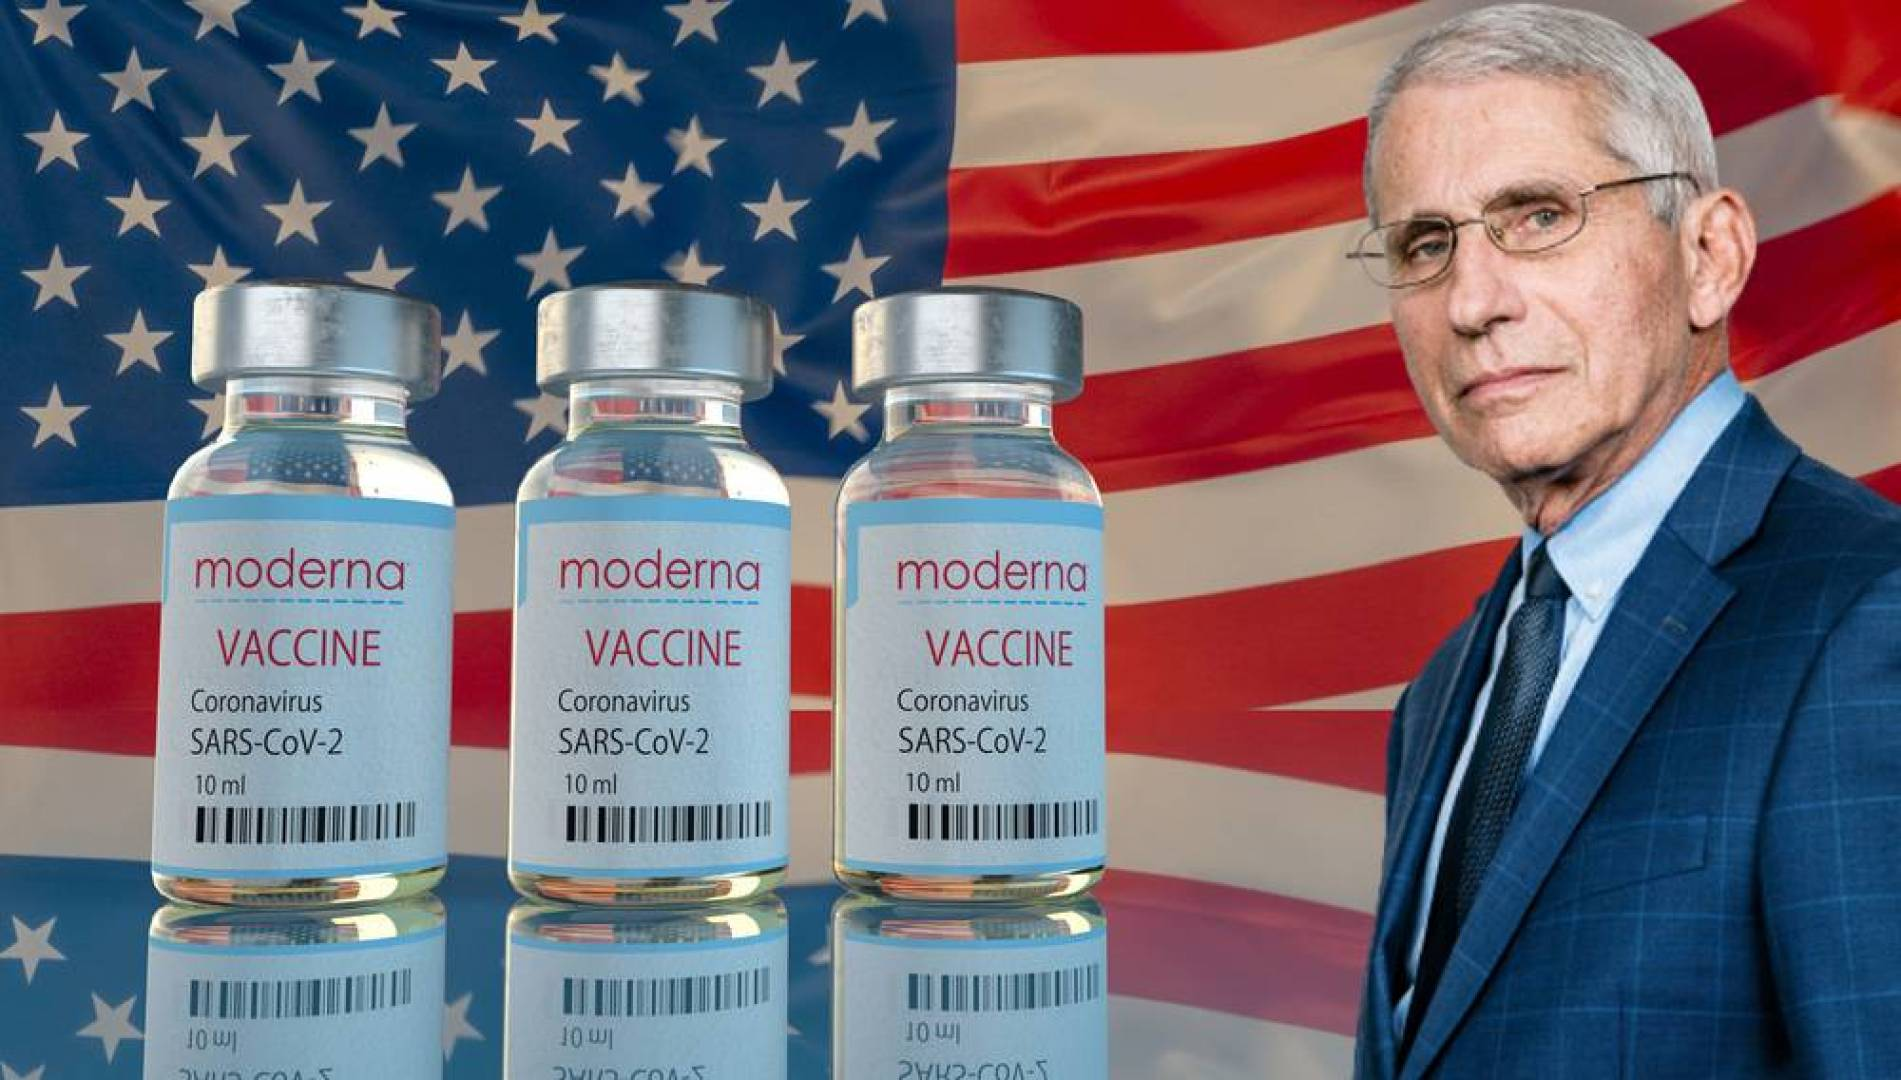 فاوتشي: مستعد للحصول على اللقاح أمام الكاميرات